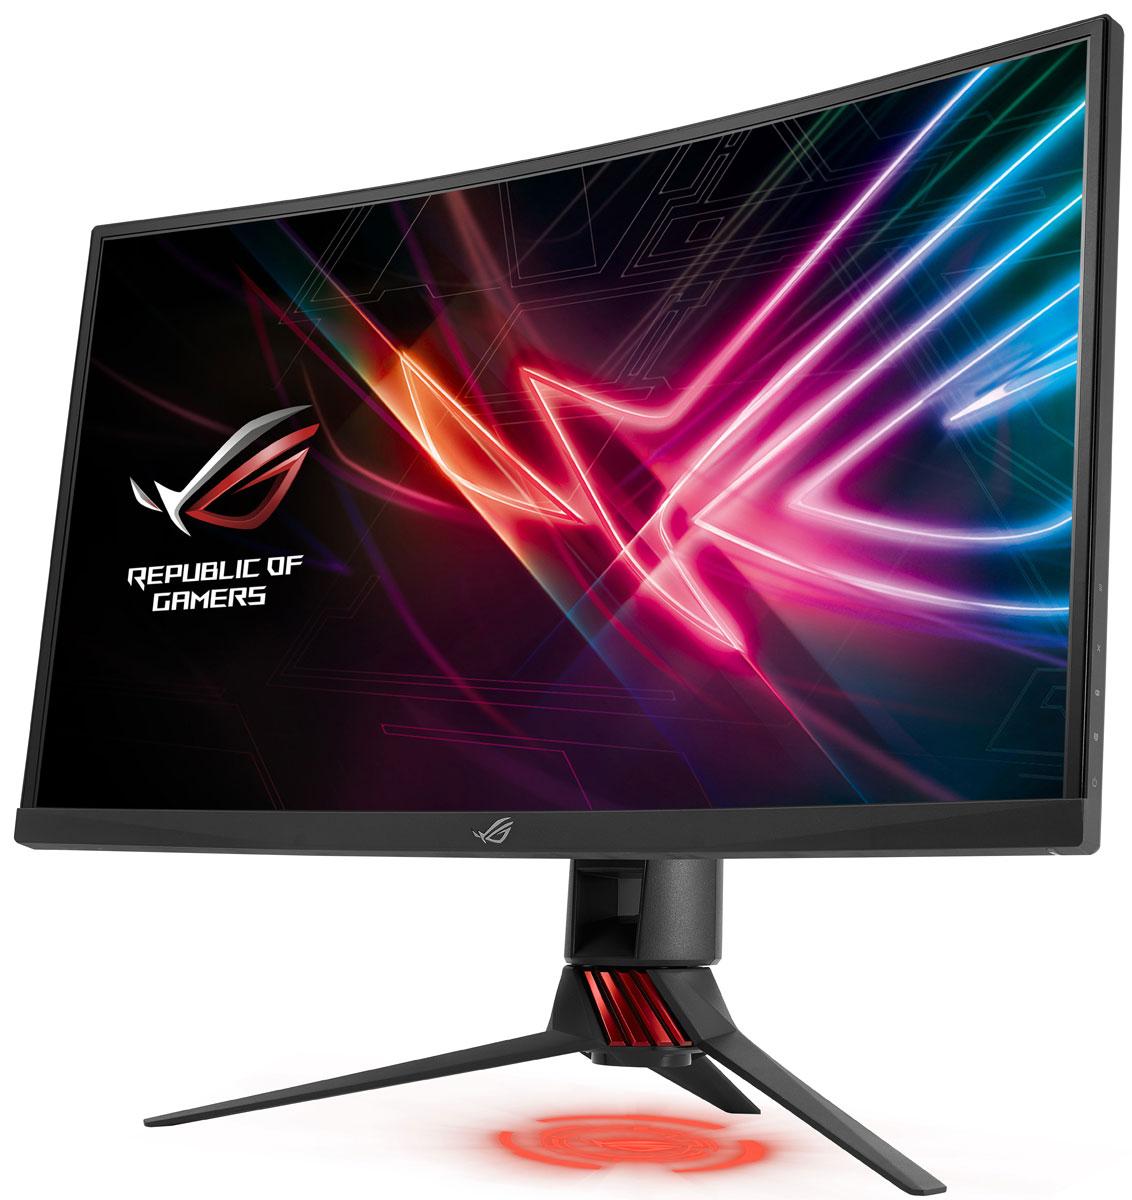 ASUS ROG Strix XG32VQ, Black мониторXG32VQROG Strix XG32VQ - это современный геймерский монитор с изогнутым экраном формата WQHD, предназначенный как дляпрофессиональных киберспортсменов, так и для всех любителей игр жанра MOBA. Он обладает повышенной частотой обновления (144 Гц) иподдерживает технологию адаптивной синхронизации FreeSync. Его привлекательный дизайн дополняет красочная подсветка Aura. Монитор ROG Strix XG32VQ наделен 32-дюймовым экраном с изогнутой поверхностью, поэтому каждая его точка находится на примерноодинаковом расстоянии от глаз пользователя. Это обеспечивает потрясающий эффект присутствия в компьютерных играх и при просмотрефильмов. Высокому качеству изображения также способствуют широкие углы обзора.Одной из особенностей монитора ROG Strix XG32VQ является повышенная частота обновления экрана - 144 Гц, за счет которой улучшаетсяплавность и минимизируется задержка отображения.В мониторе ROG Strix XG32VQ реализована технология FreeSync, синхронизирующая частоту обновления экрана с частотой вывода кадровграфическим процессором. Благодаря этому устраняется неприятный эффект разрыва кадра и уменьшается задержка отображения, чтообеспечивает как более высокое качество картинки, так и улучшенную реакцию игры на действия пользователя.В заднюю панель всех монитора встроена цветная подсветка Aura, которая позволяет создать стильную визуальную атмосферу с помощьюкрасочных световых эффектов.В комплект поставки ROG Strix XG32VQ входят две накладки с логотипами ROG, которые можно использовать для проецирования на столсоответствующих изображений с помощью встроенной подсветки. Кроме того, вы можете создать свои собственные проекционныеизображения, воспользовавшись чистой накладкой, также прилагаемой к монитору.Обладая тонкой экранной рамкой, модель ROG Strix XG32VQ идеально подходит для создания мультимониторных конфигураций, которые даютвозможность максимально погрузиться в атмосферу компьютерной игры.Поскольку модель ROG Strix XG32VQ ориентирована в перву